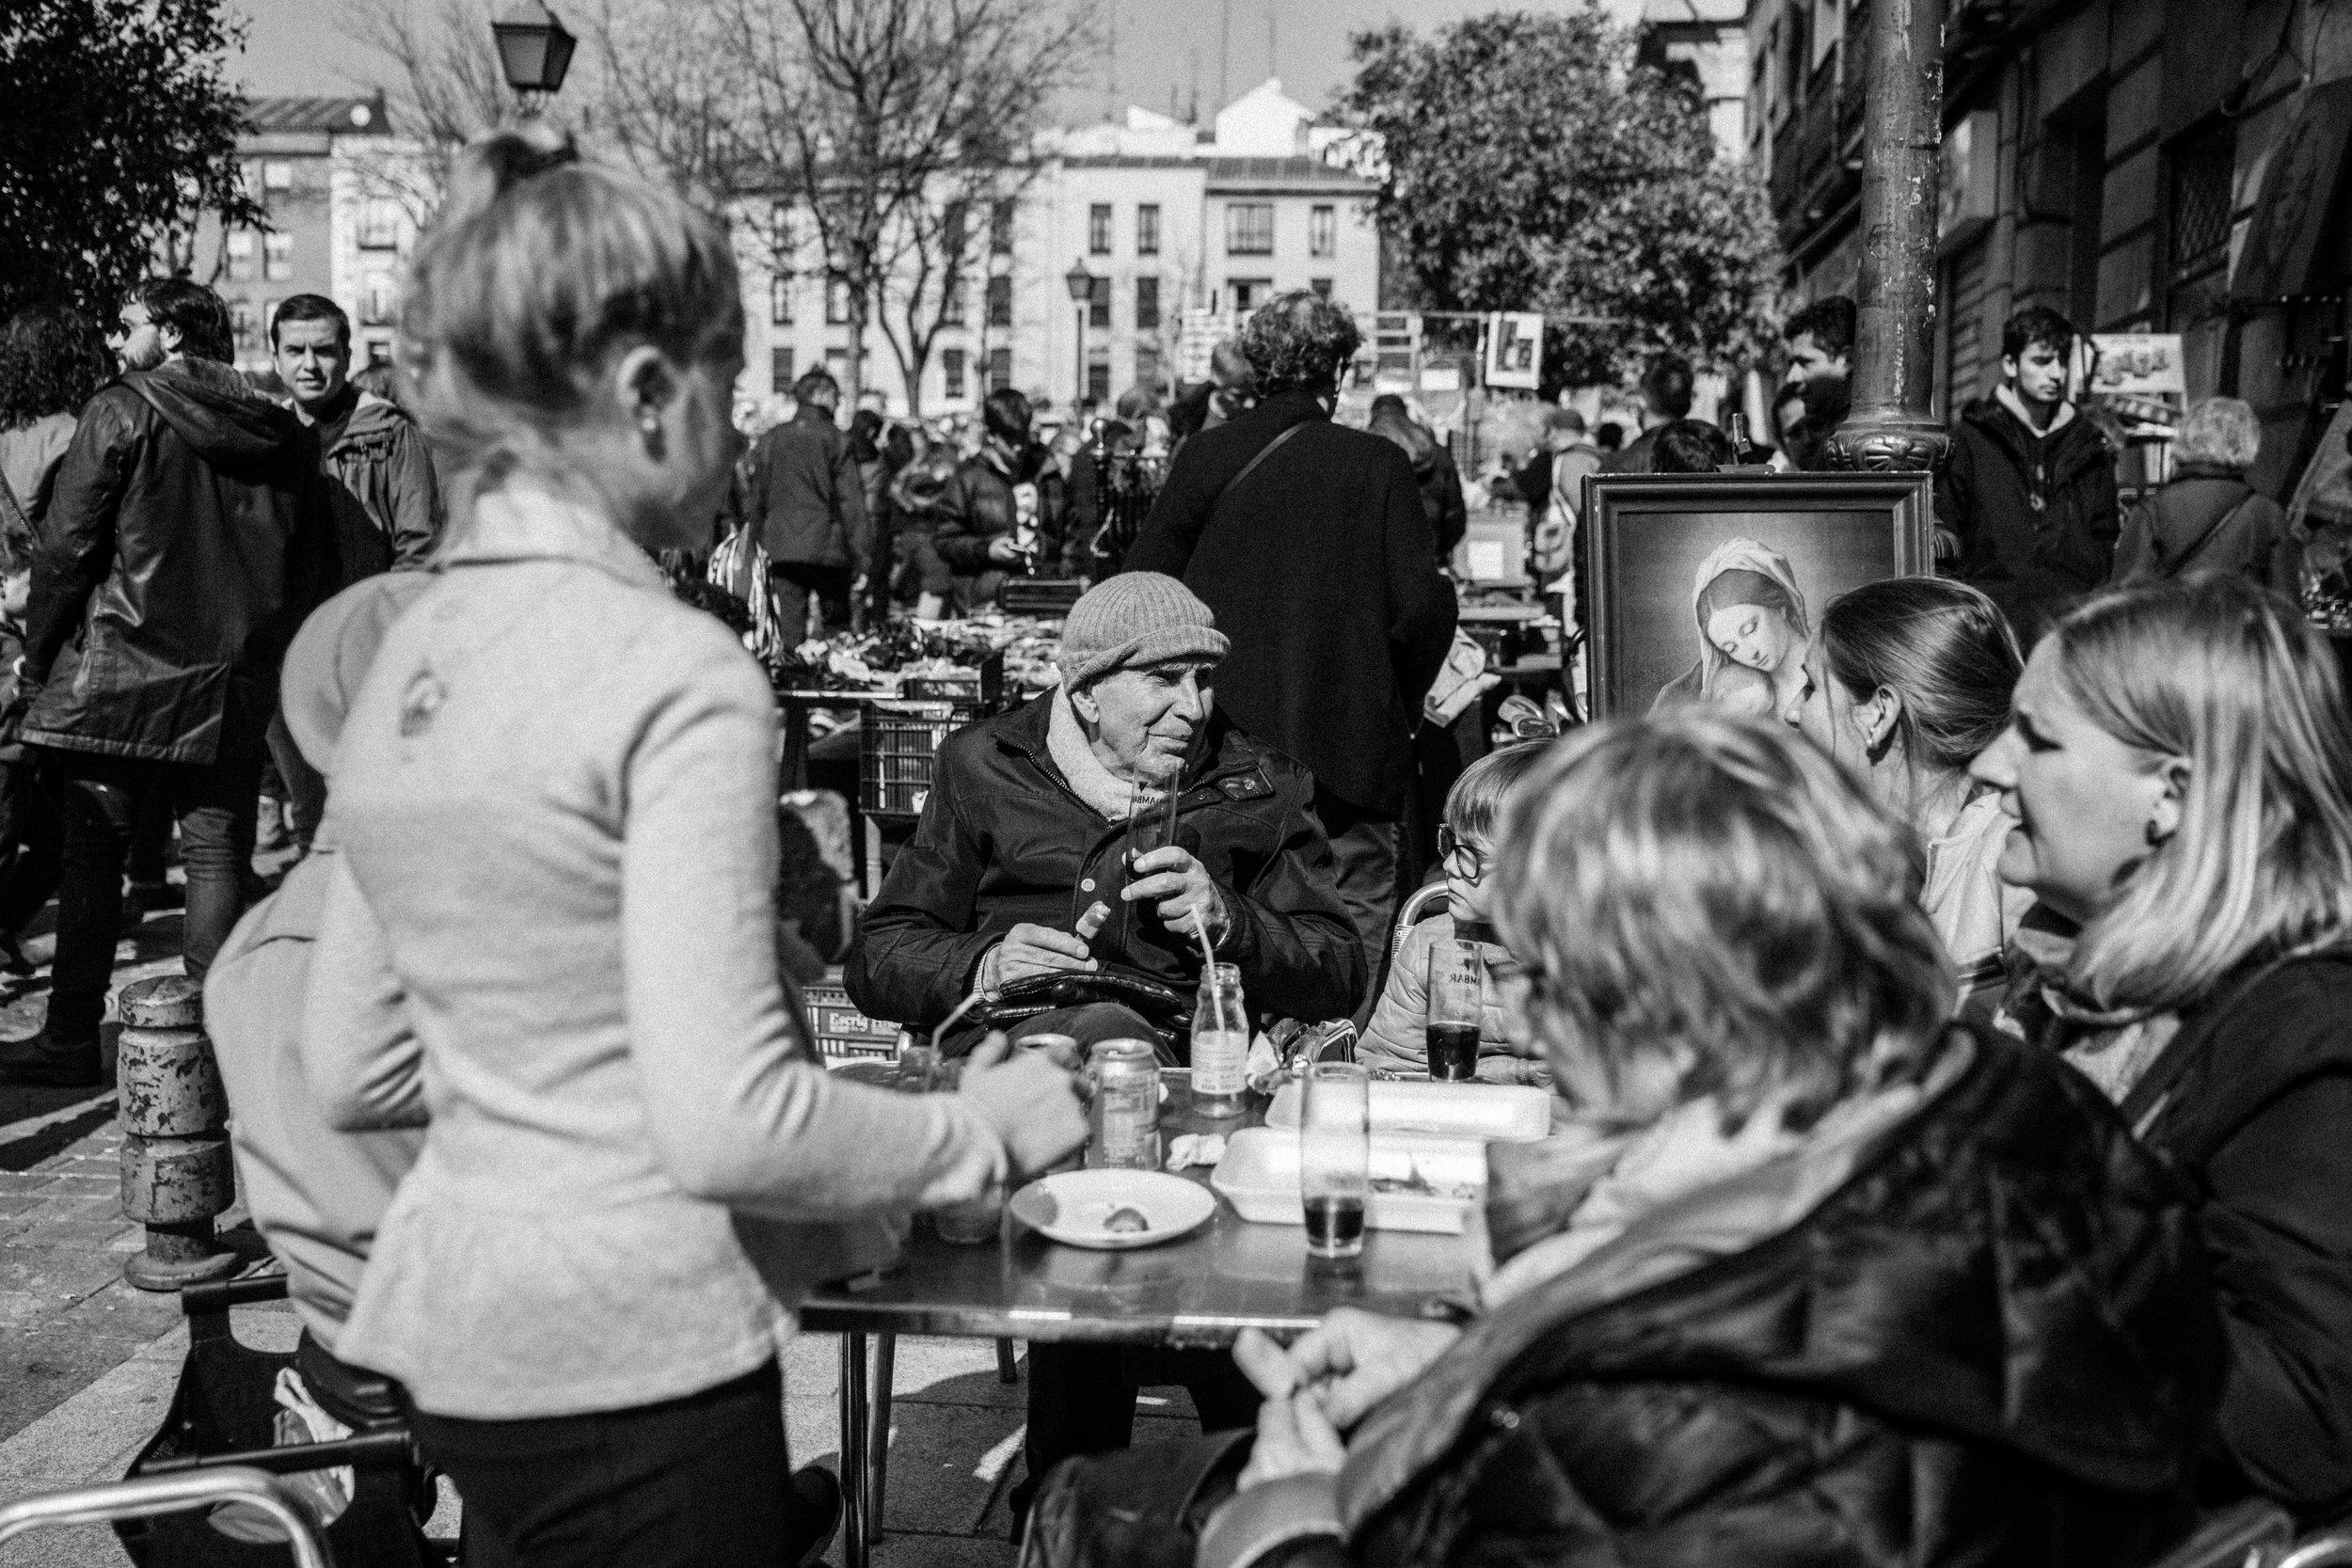 El rastro de Madrid by jorge Güiro 4.jpg